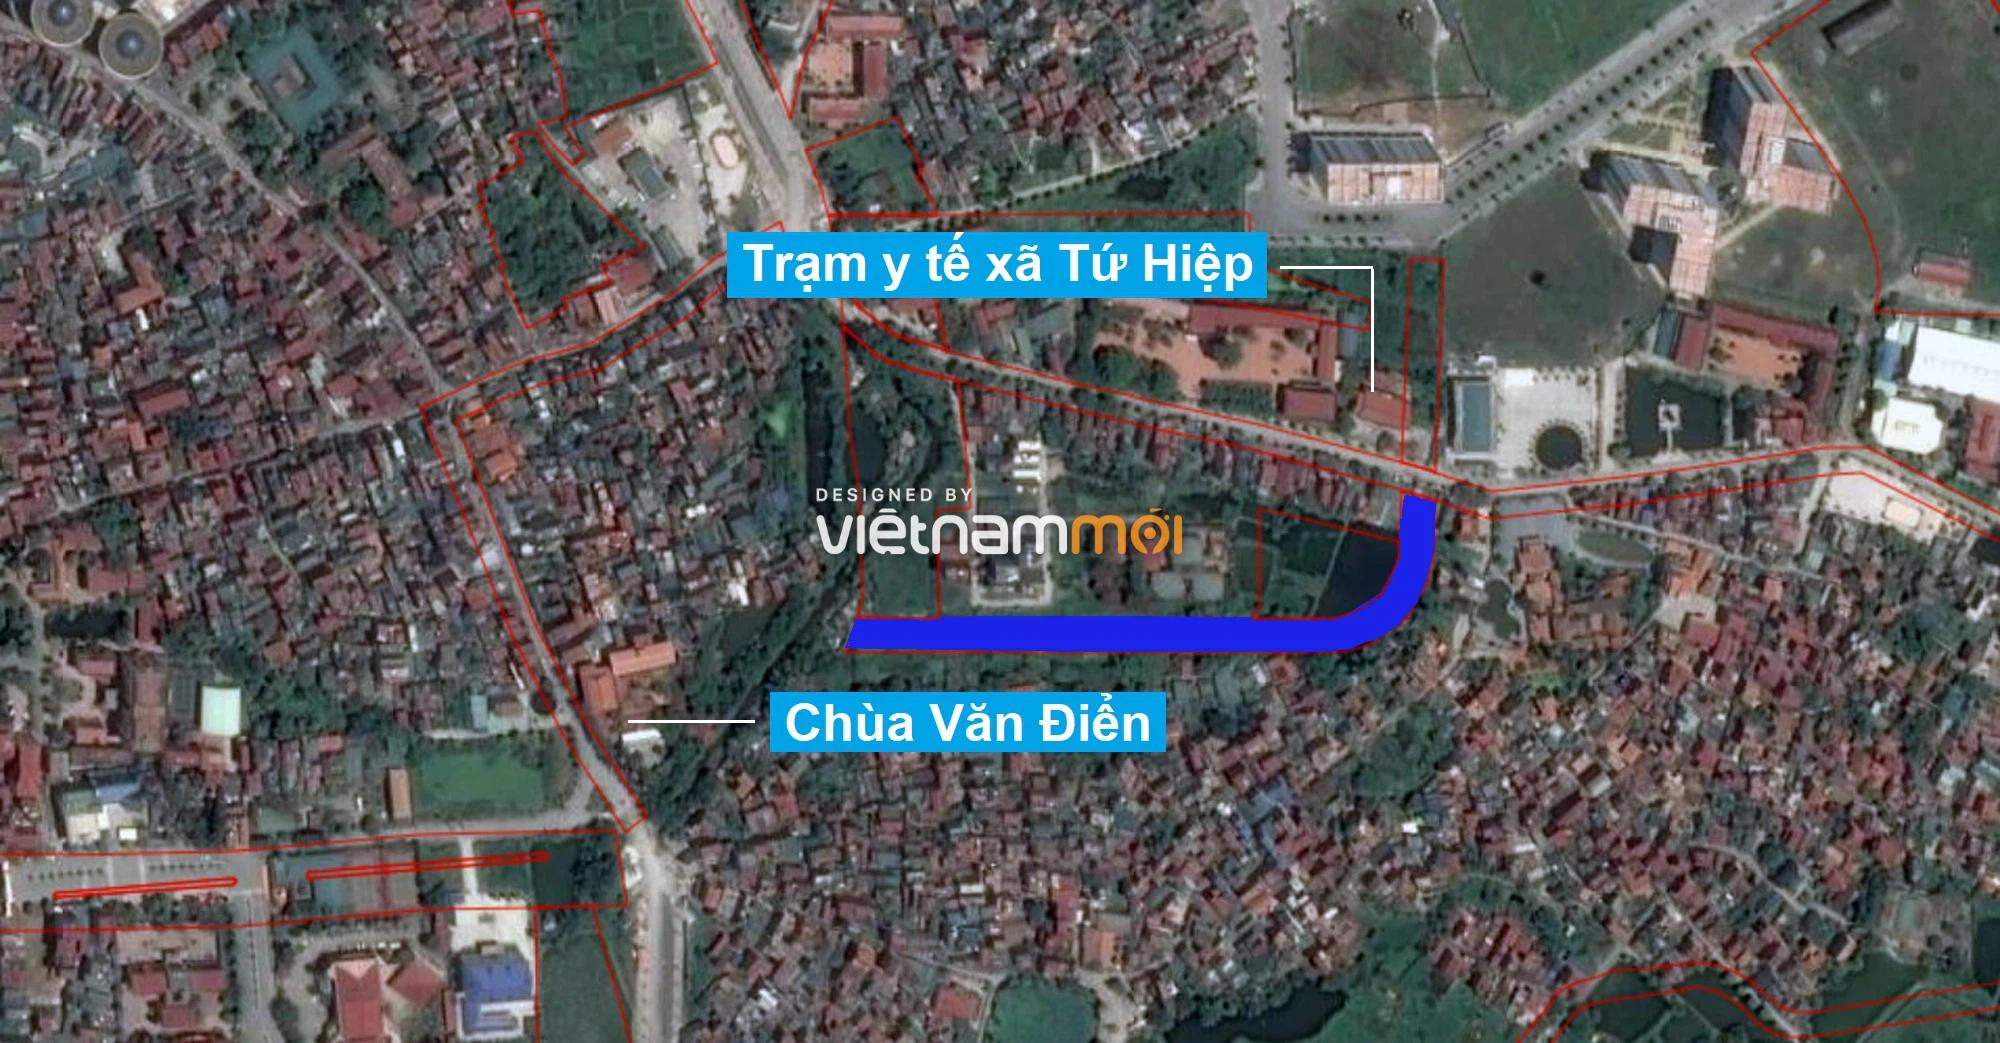 Những khu đất sắp thu hồi để mở đường ở xã Tứ Hiệp, Thanh Trì, Hà Nội (phần 2) - Ảnh 2.